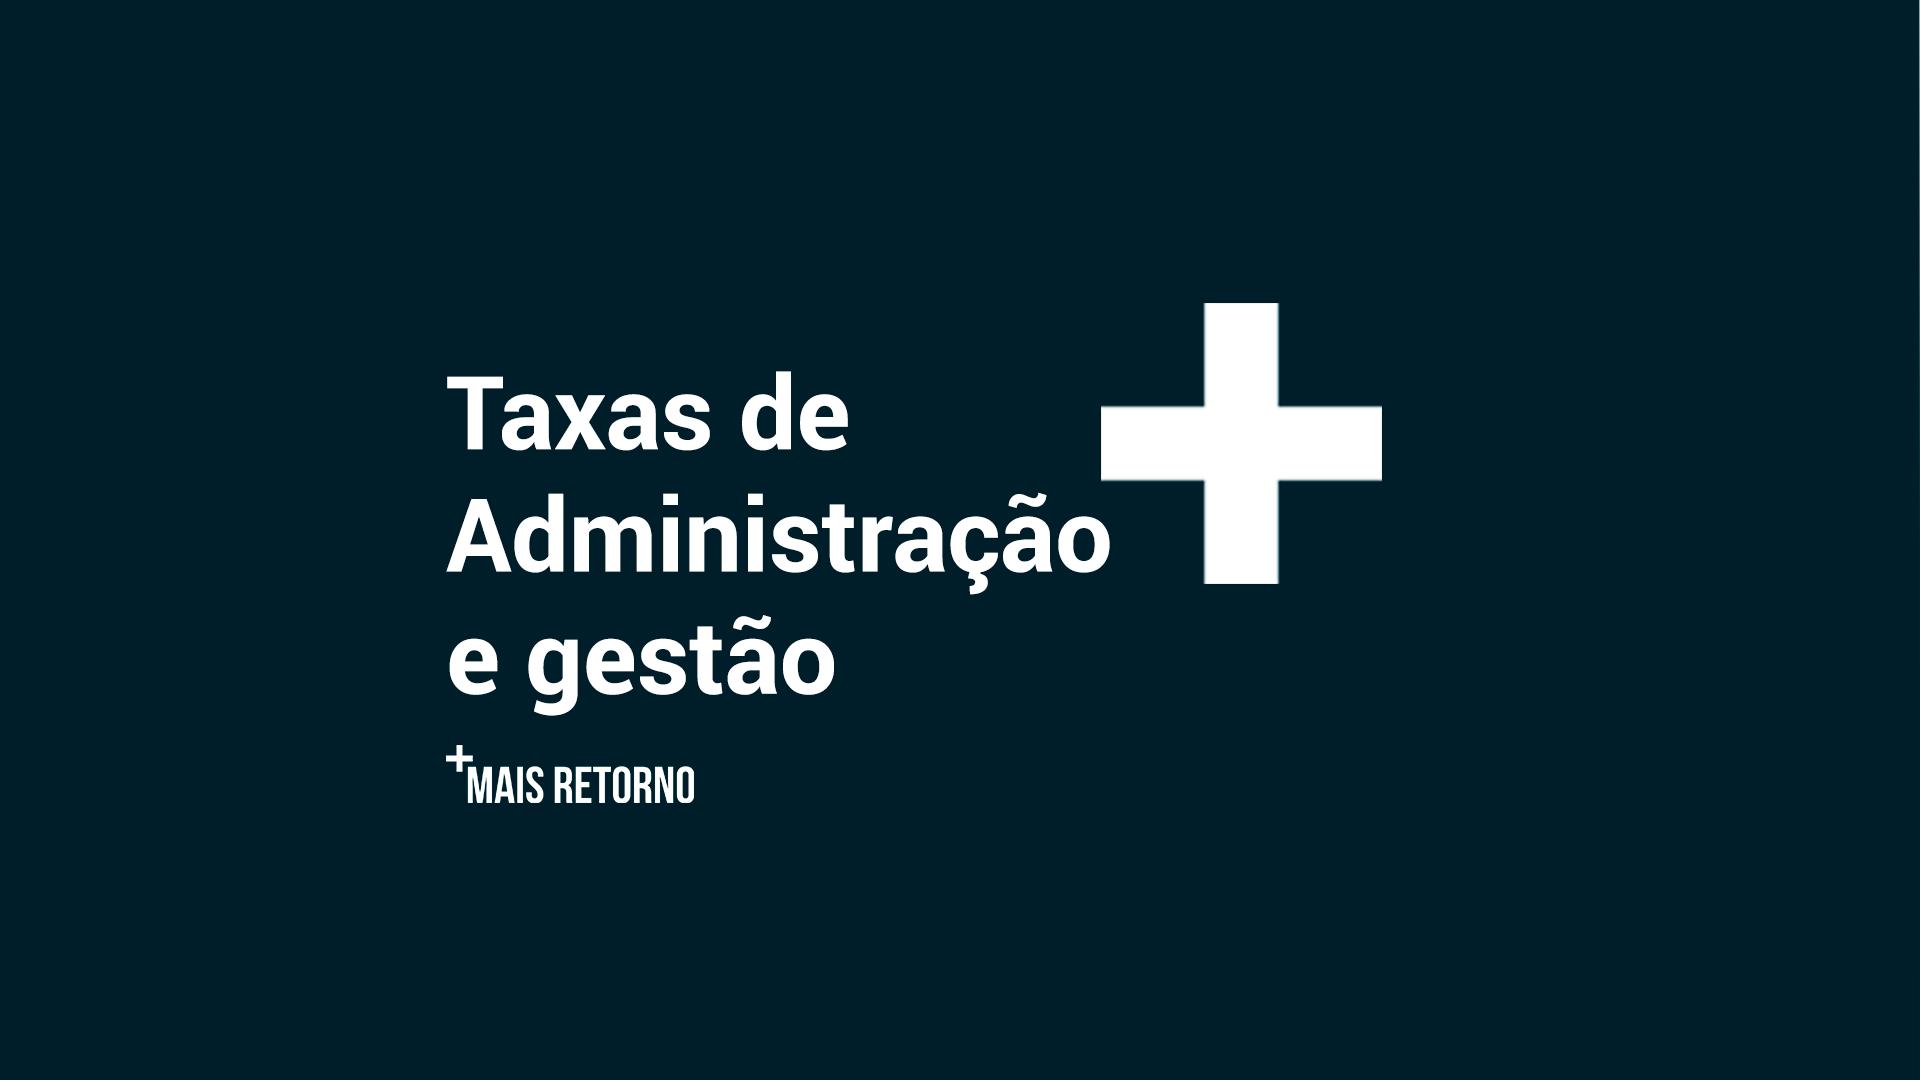 Taxas de administração e gestão